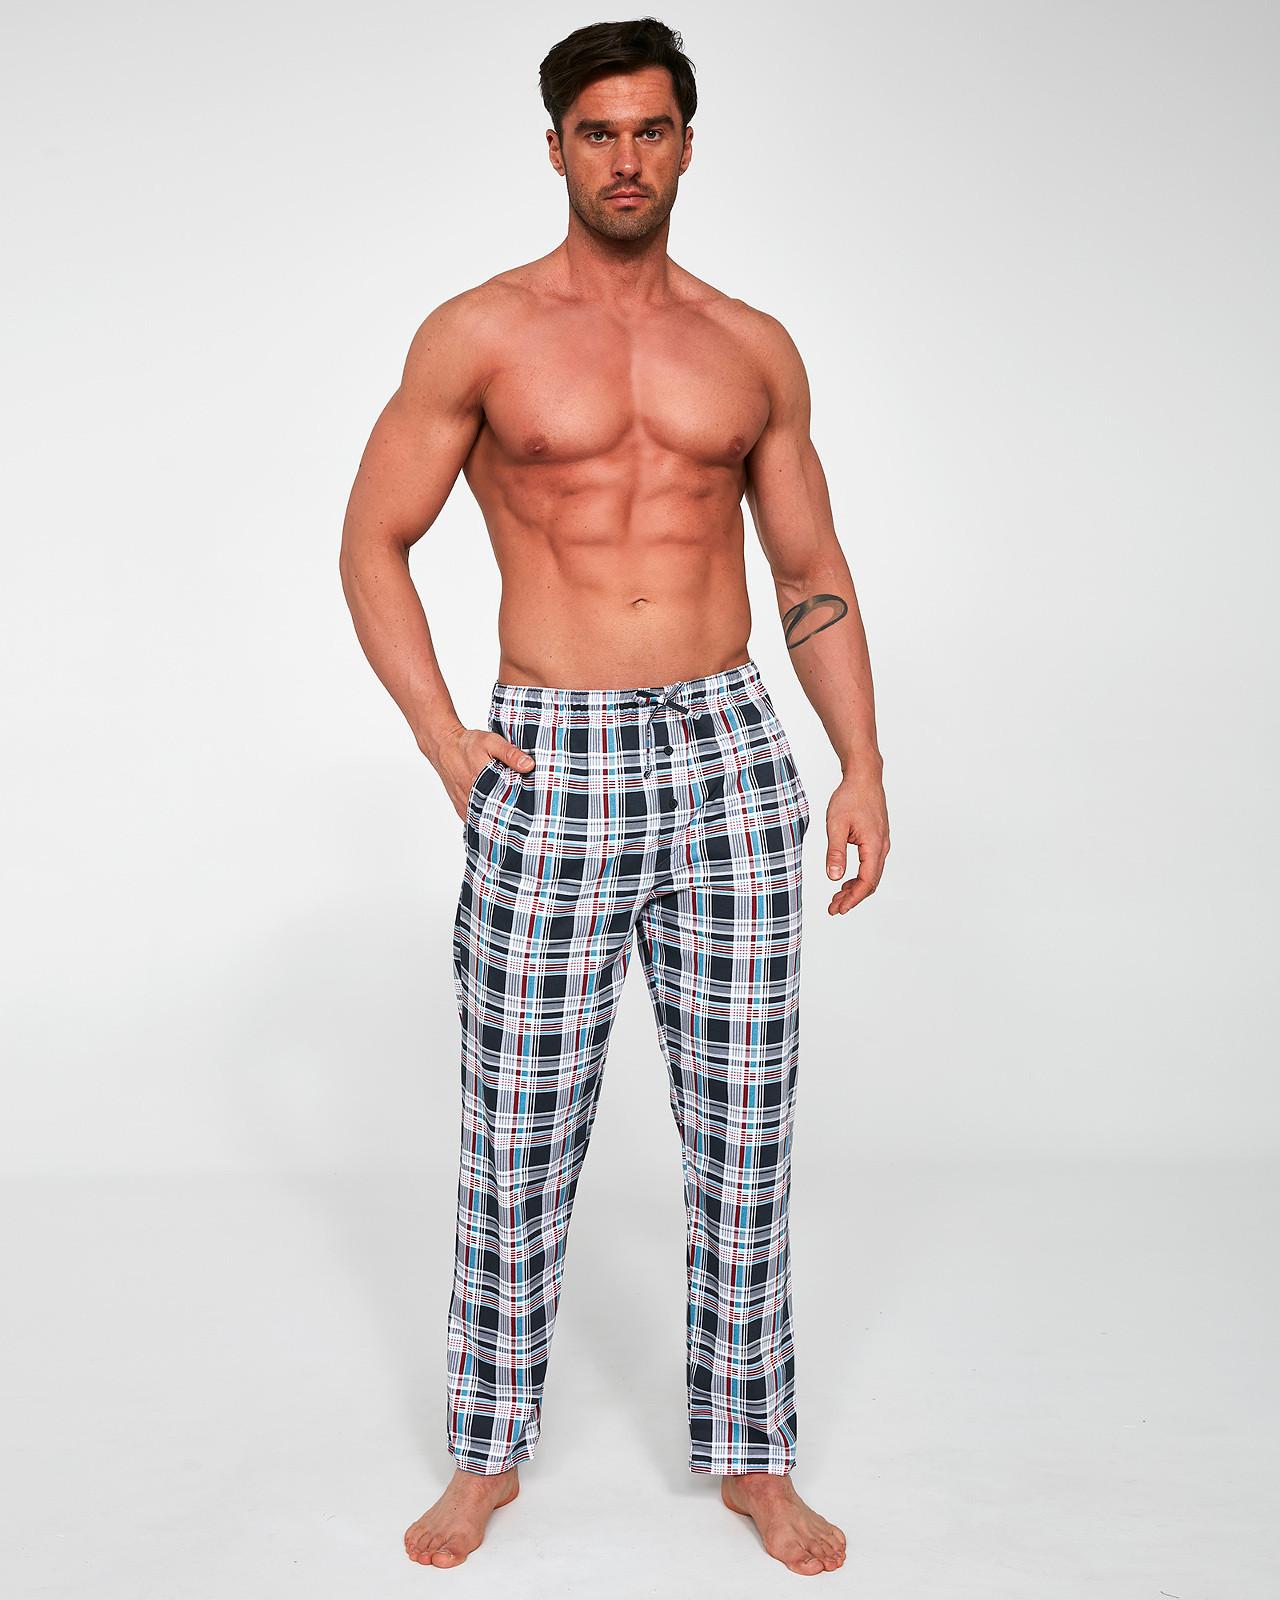 Pánske pyžamové nohavice Cornette 691/29 654502 grafit XL